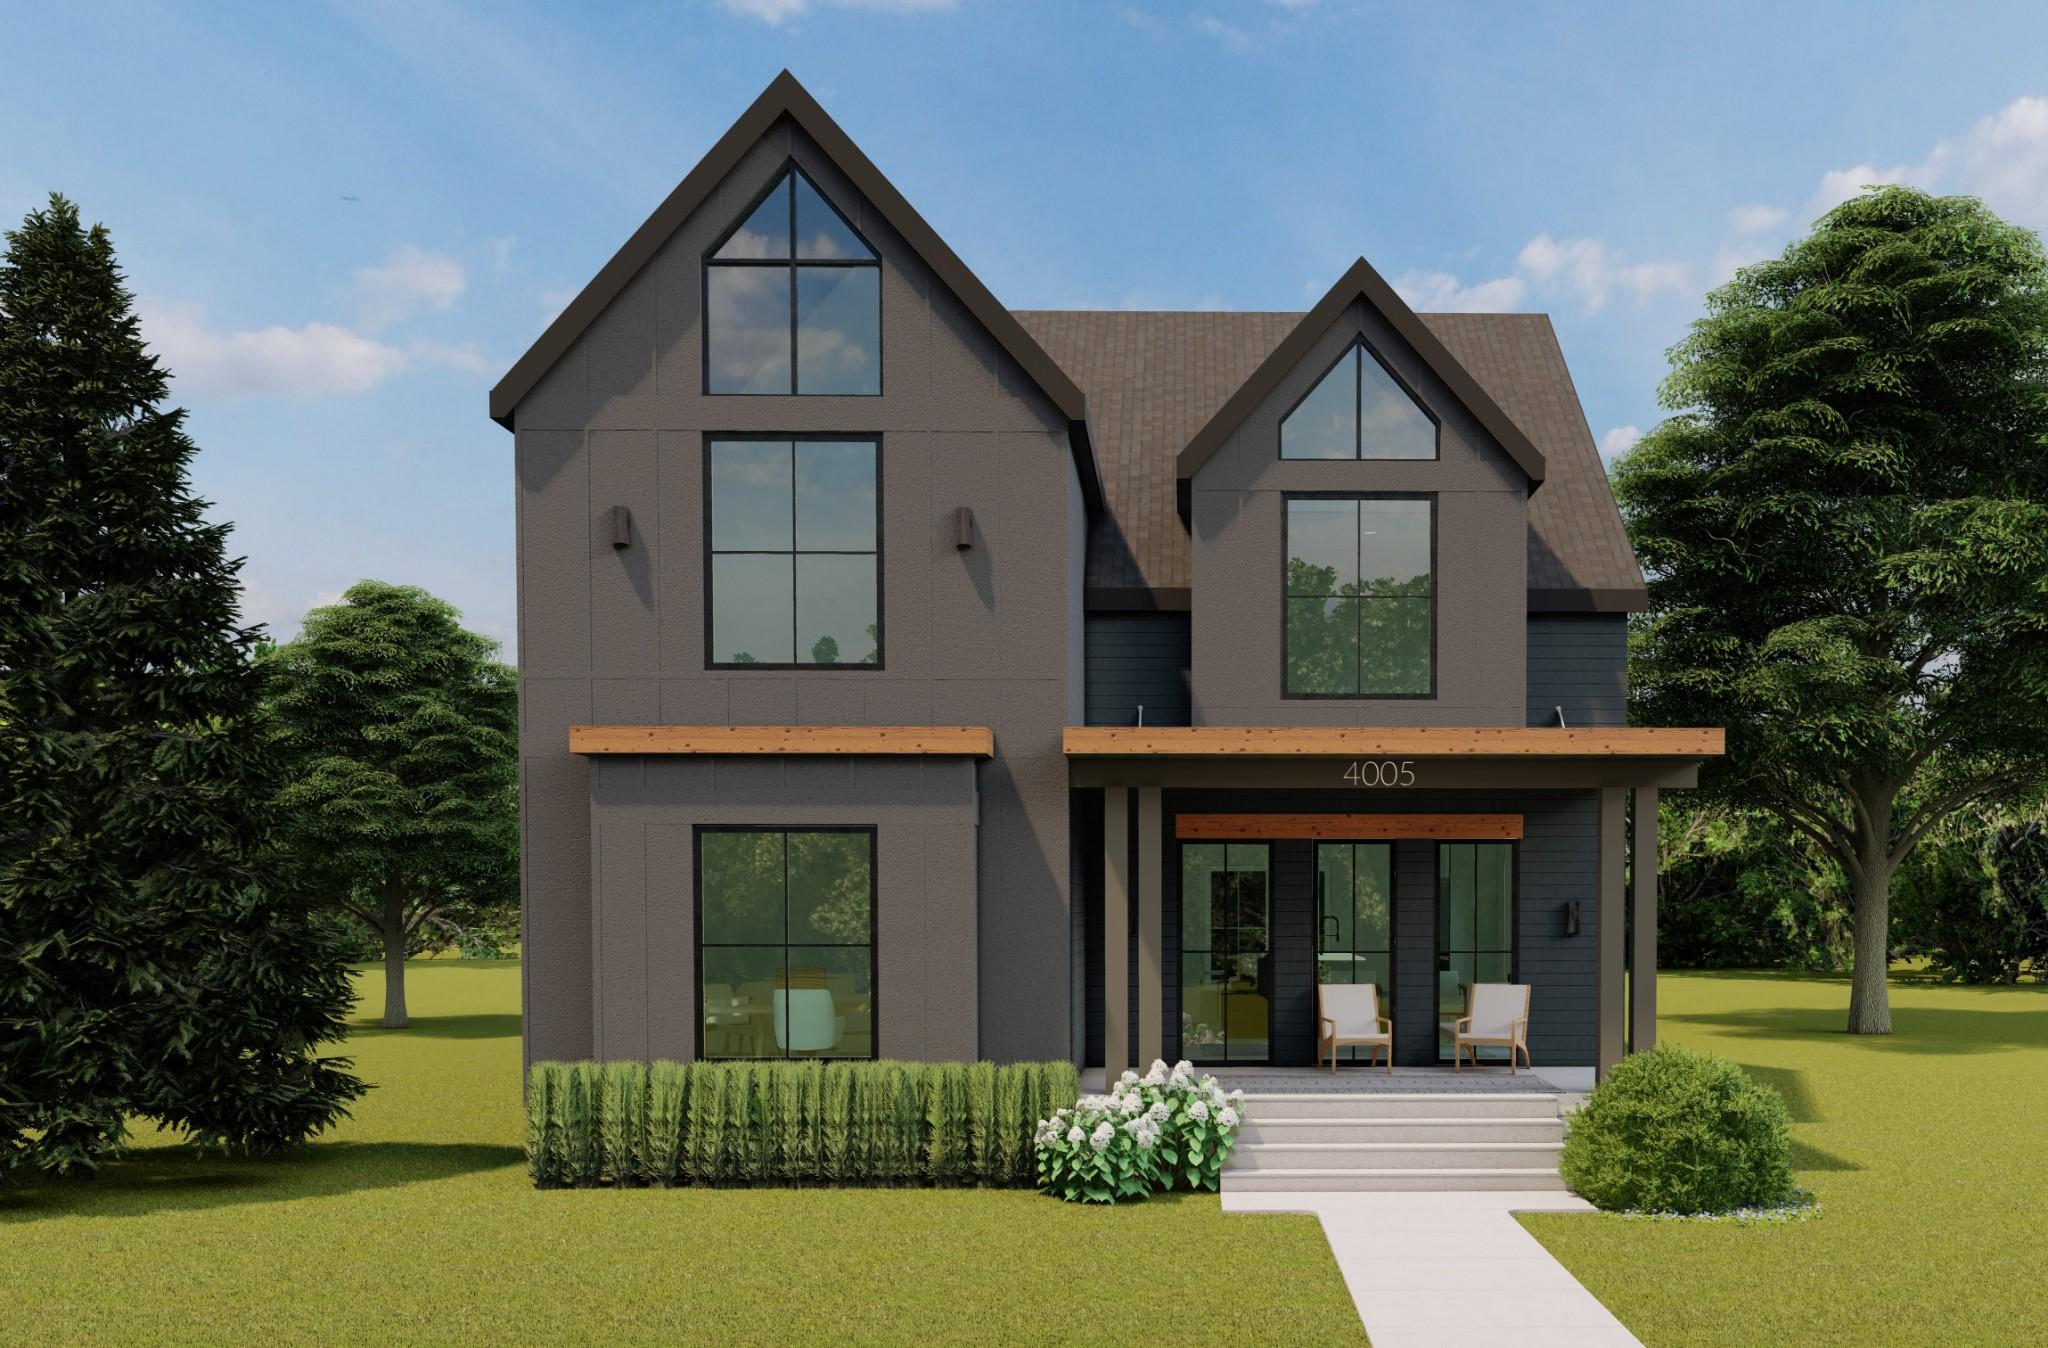 4005 Utah Ave Property Photo